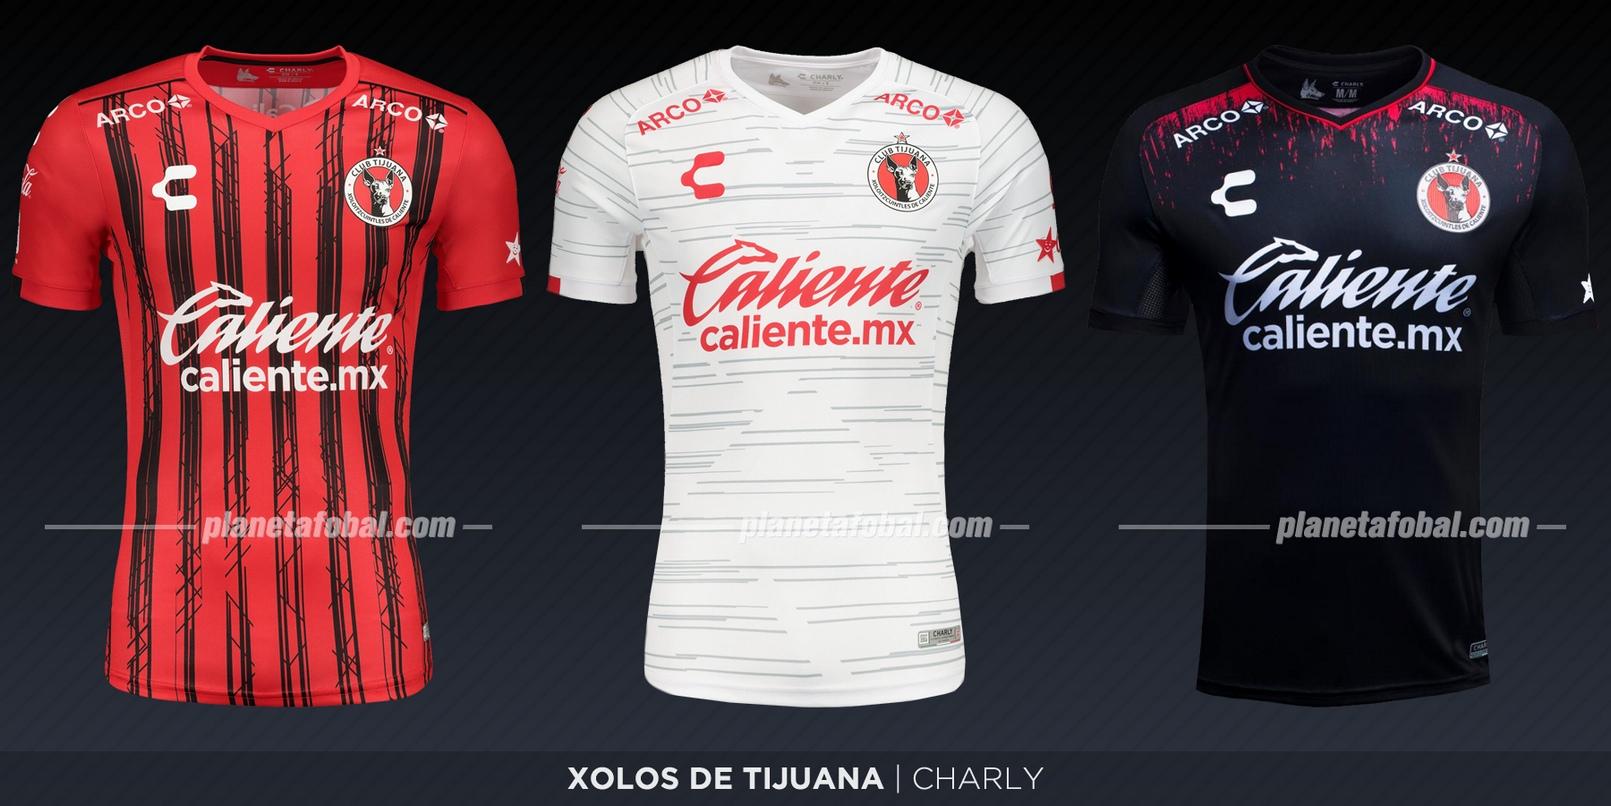 Xolos de Tijuana (Charly) | Camisetas de la Liga MX 2019-2020